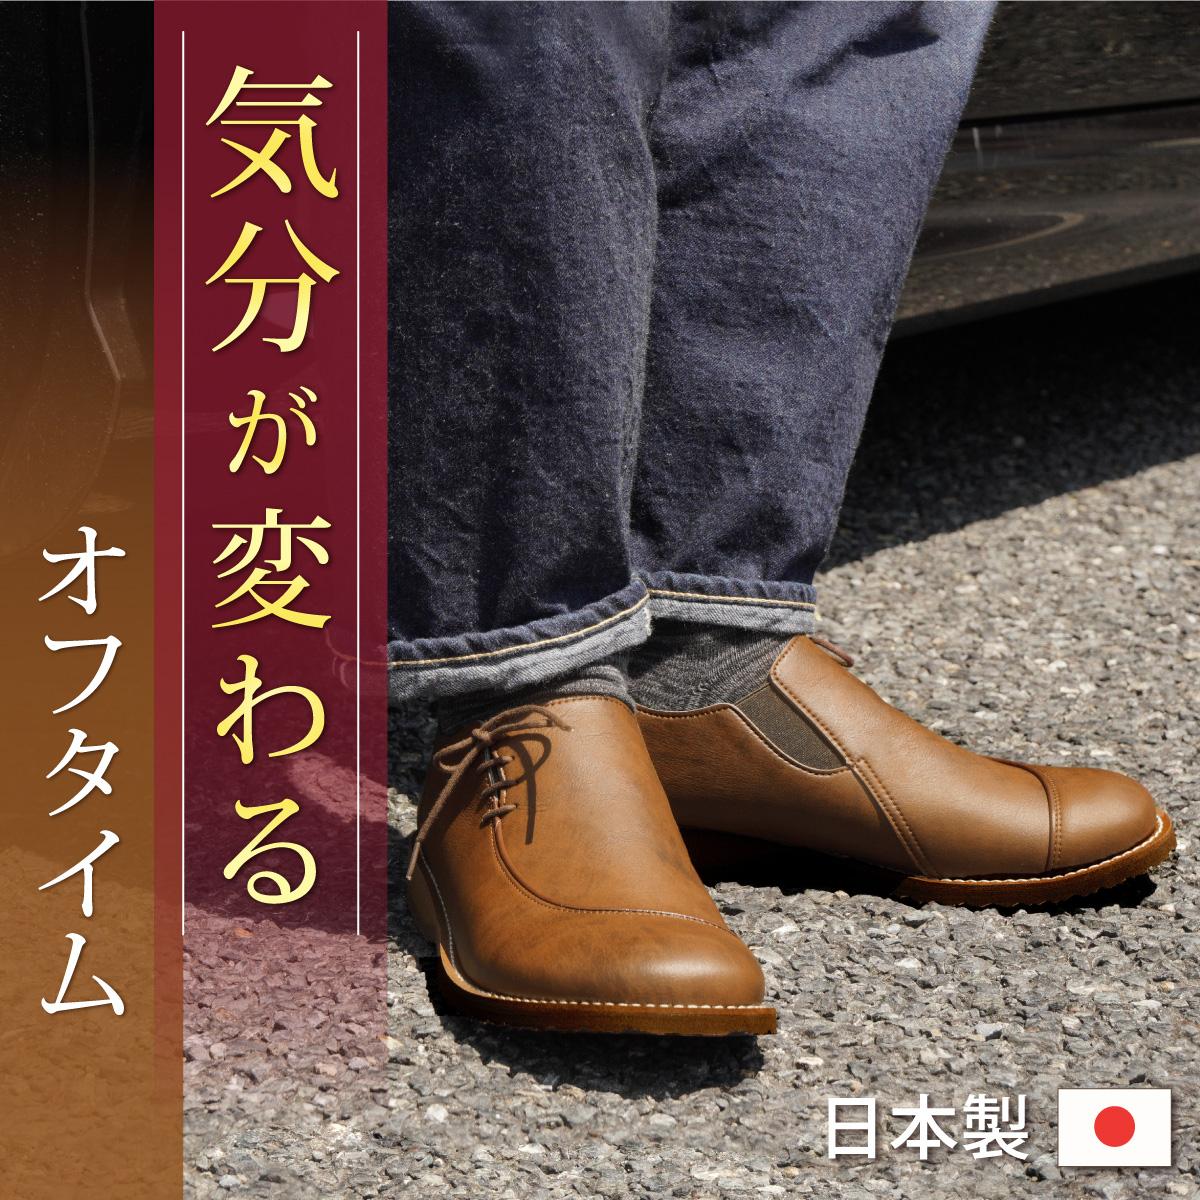 モカシンシューズ スリッポン コンフォートシューズ 紳士靴 メンズ 日本製 LEAFM